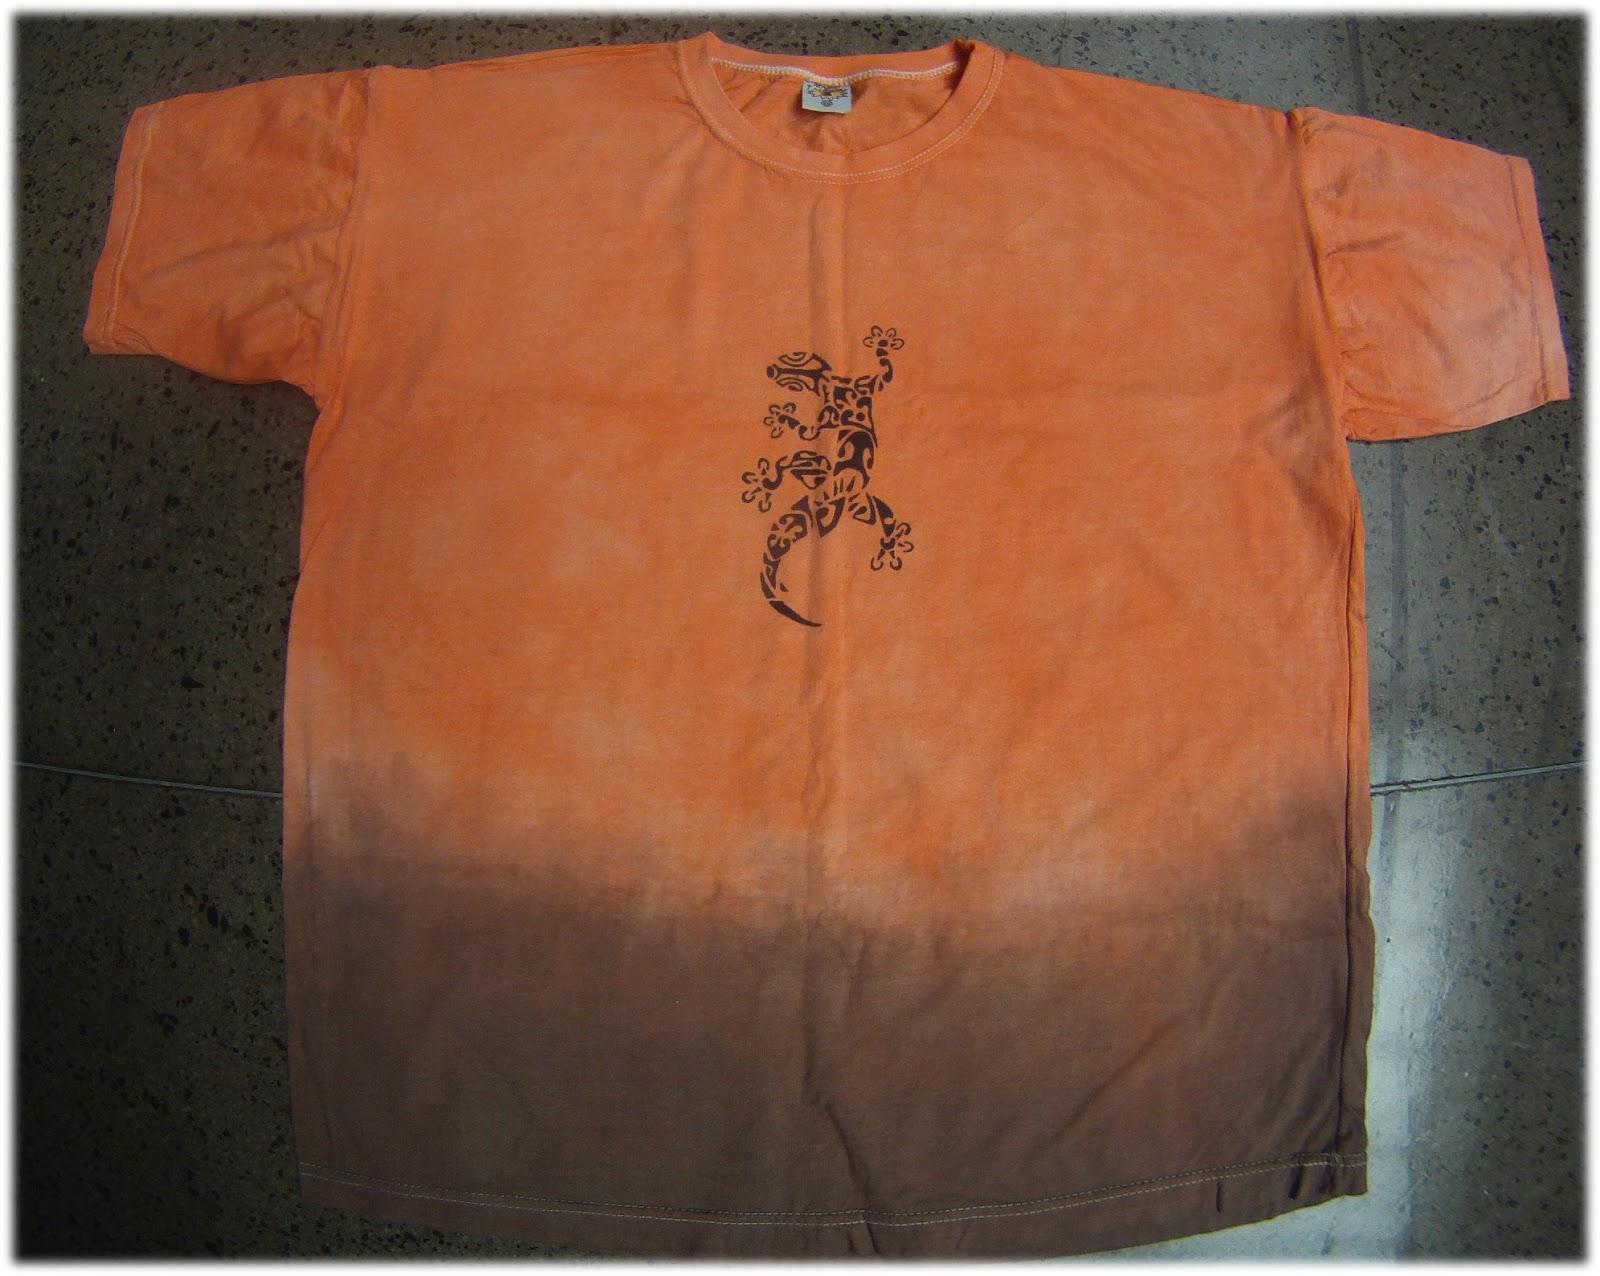 8598d5769d camiseta tiedye laranja degradê marrom e pintura de calango.